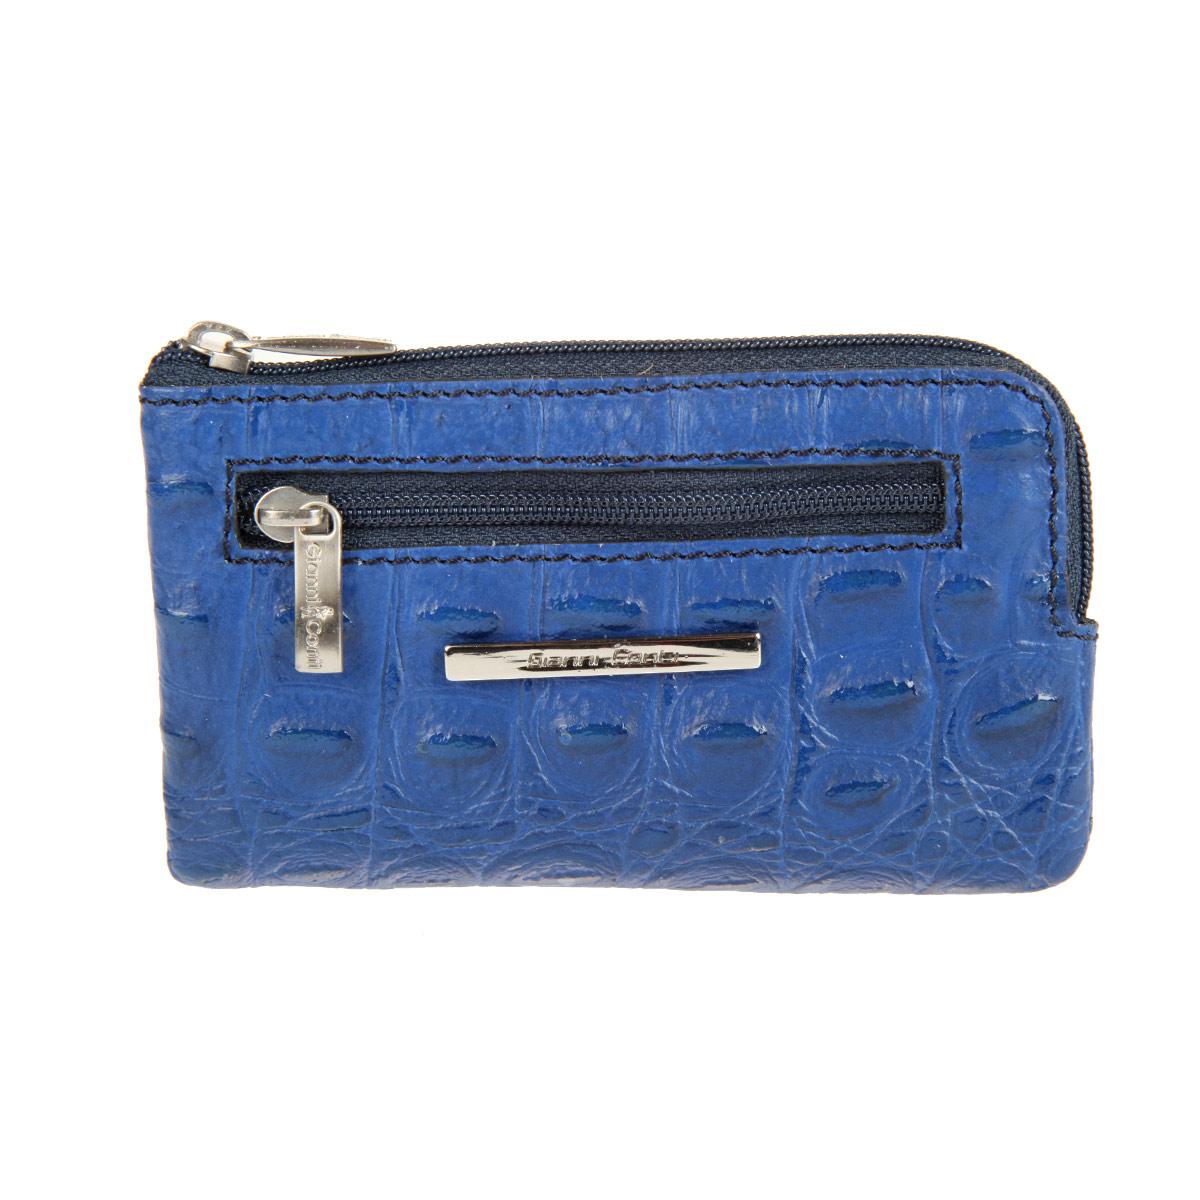 Ключница Gianni Conti, цвет: синий. 19390731939073 blue/indigoЭлегантная ключница Gianni Conti изготовлена из натуральной кожи с тиснением и имеет одно отделение на пластиковой молнии. Внутри - две цепочки с металлическими кольцами для ключей. На передней стенке расположены металлическая пластинка с надписью в виде названия логотипа и прорезной кармашек на пластиковой молнии. Ключница упакована в коробку из плотного картона с логотипом фирмы. Этот аксессуар станет замечательным подарком человеку, ценящему качественные и практичные вещи.